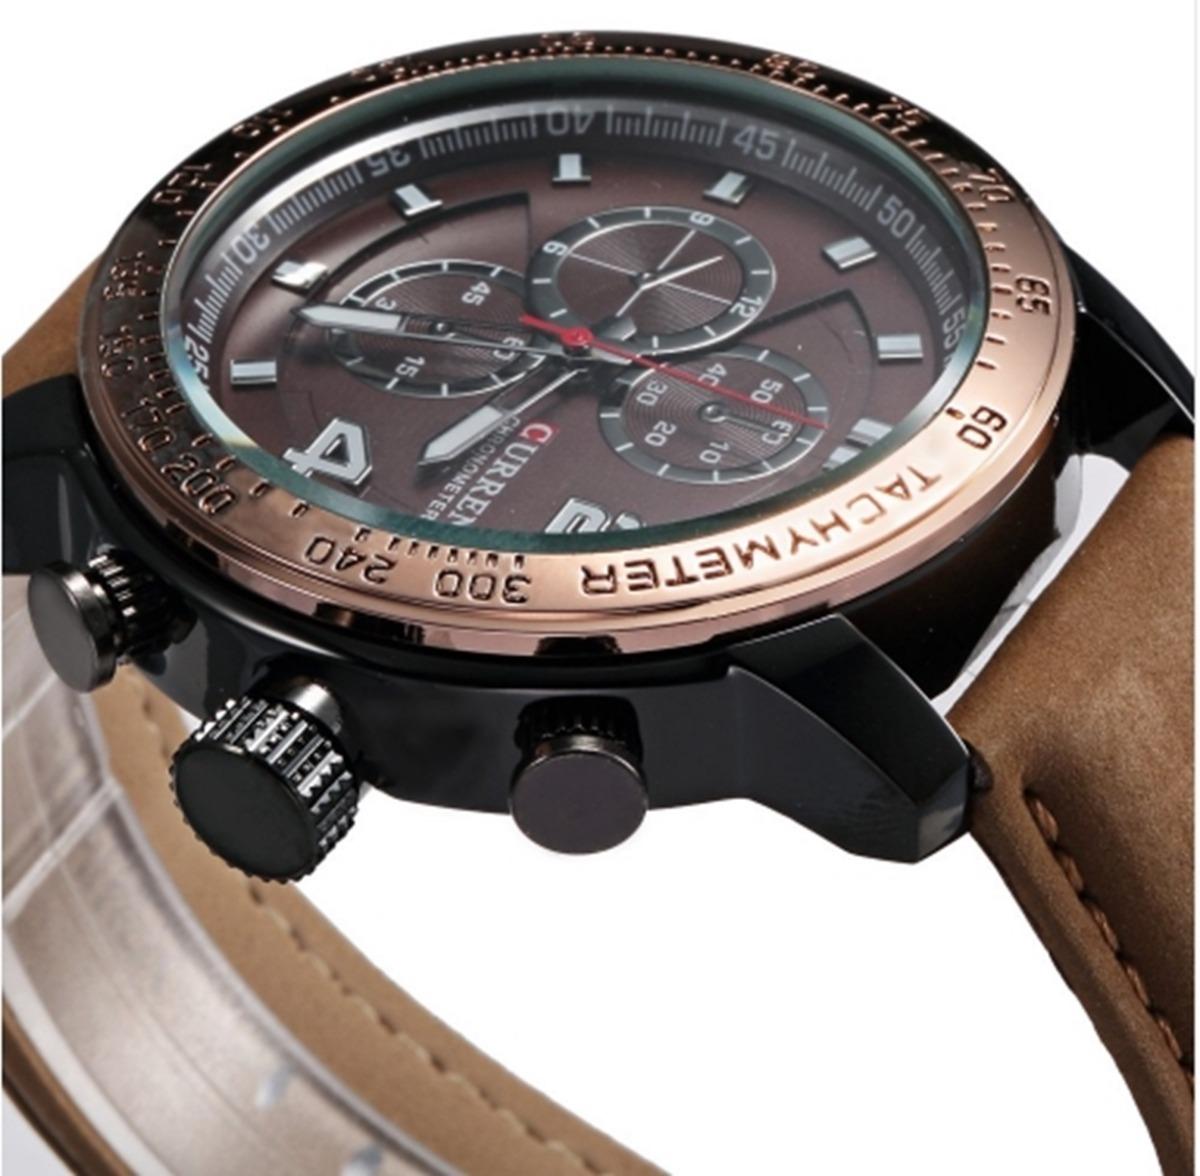 202cd32f21c Relógio Masculino Curren 8190 Pulseira Couro Quartzo Barato - R  85 ...